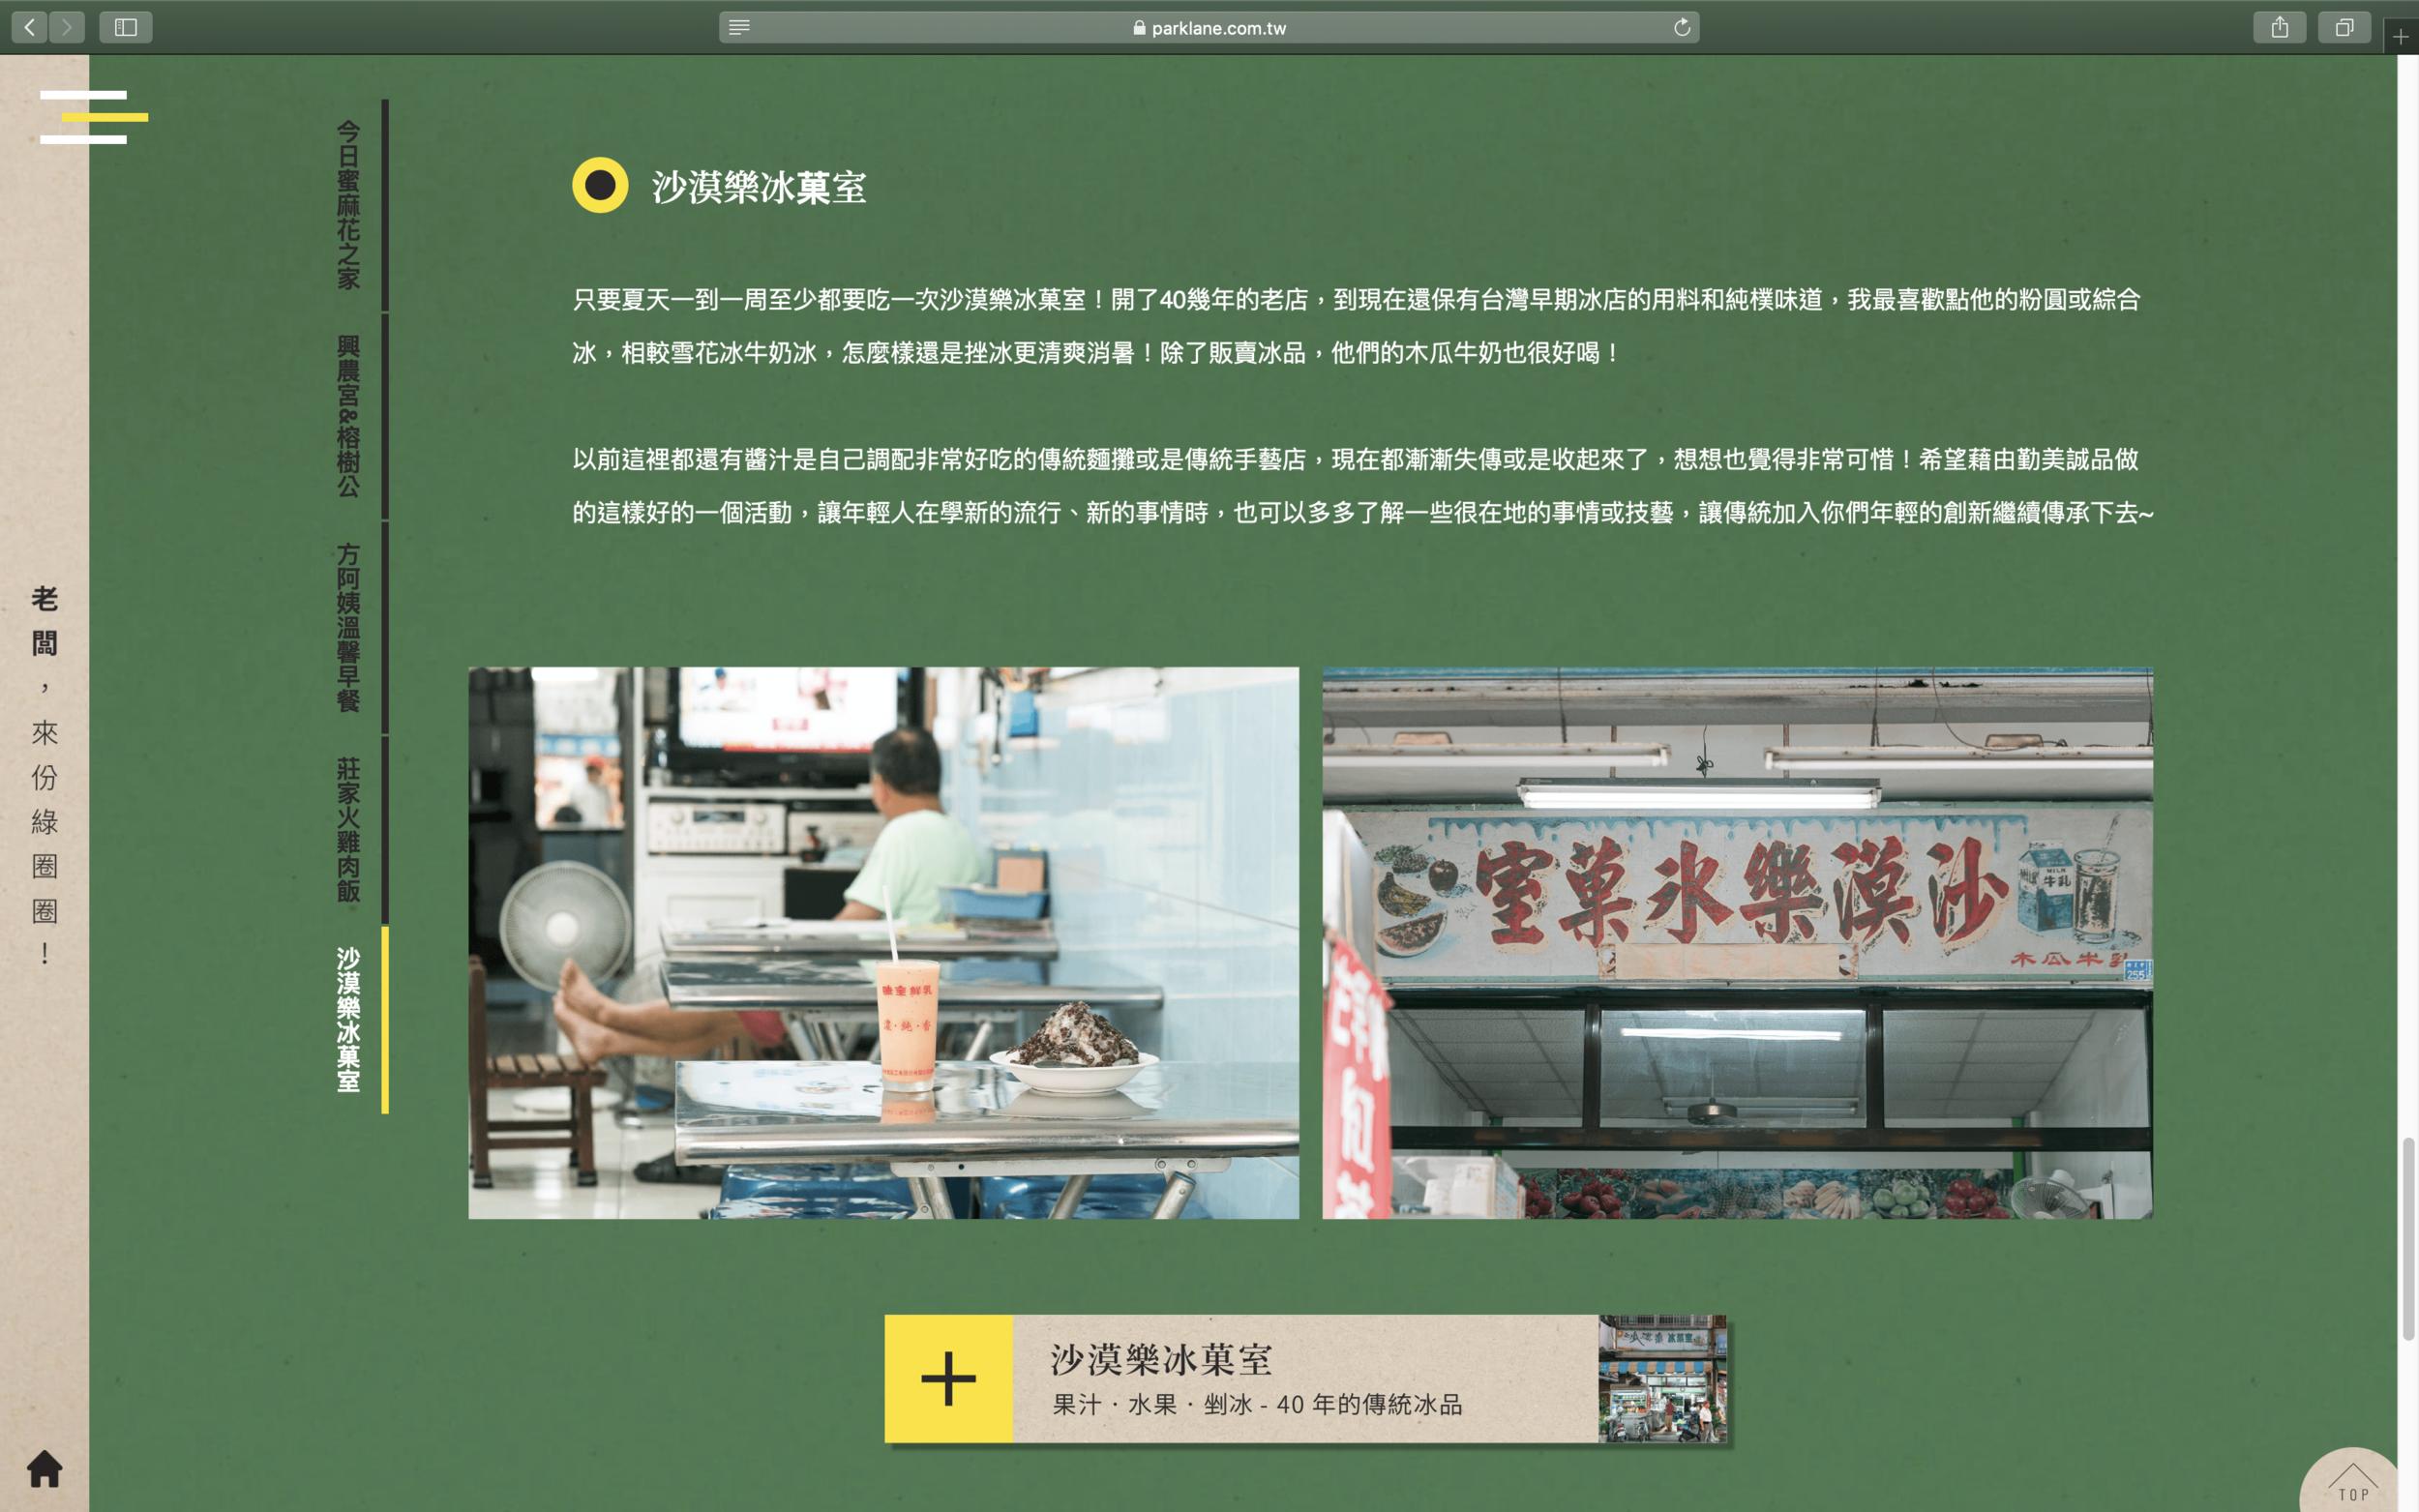 綠圈圈企劃_Web14.png